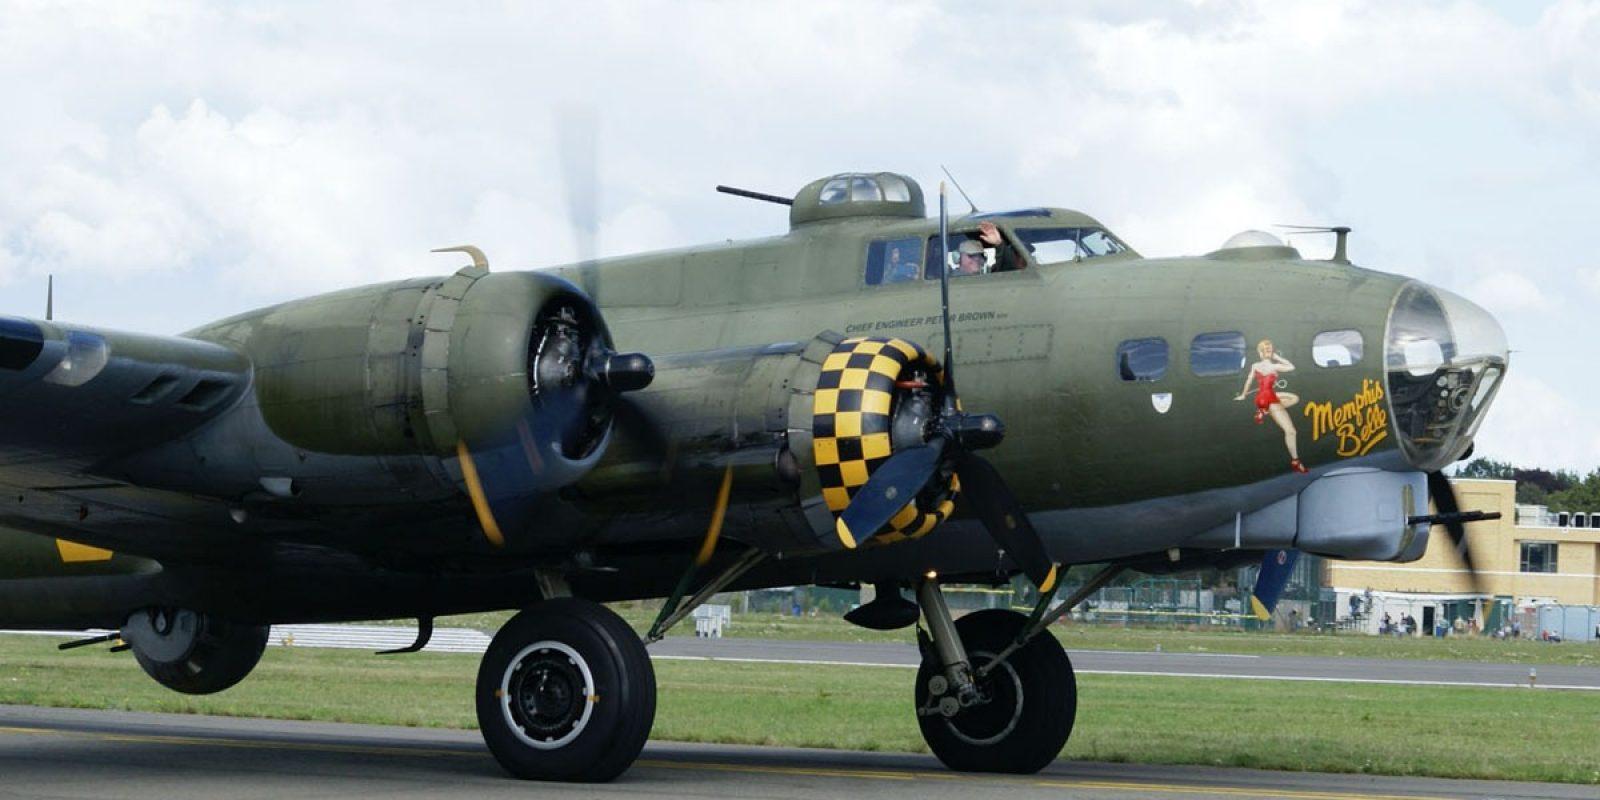 Le côté droit du bombardier est décoré de la pin-up Memphis Belle, comme sur la première forteresse volante qui effectua un tour d'opérations complet et repartit telle quelle en tournée de propagande en Amérique en 1943.